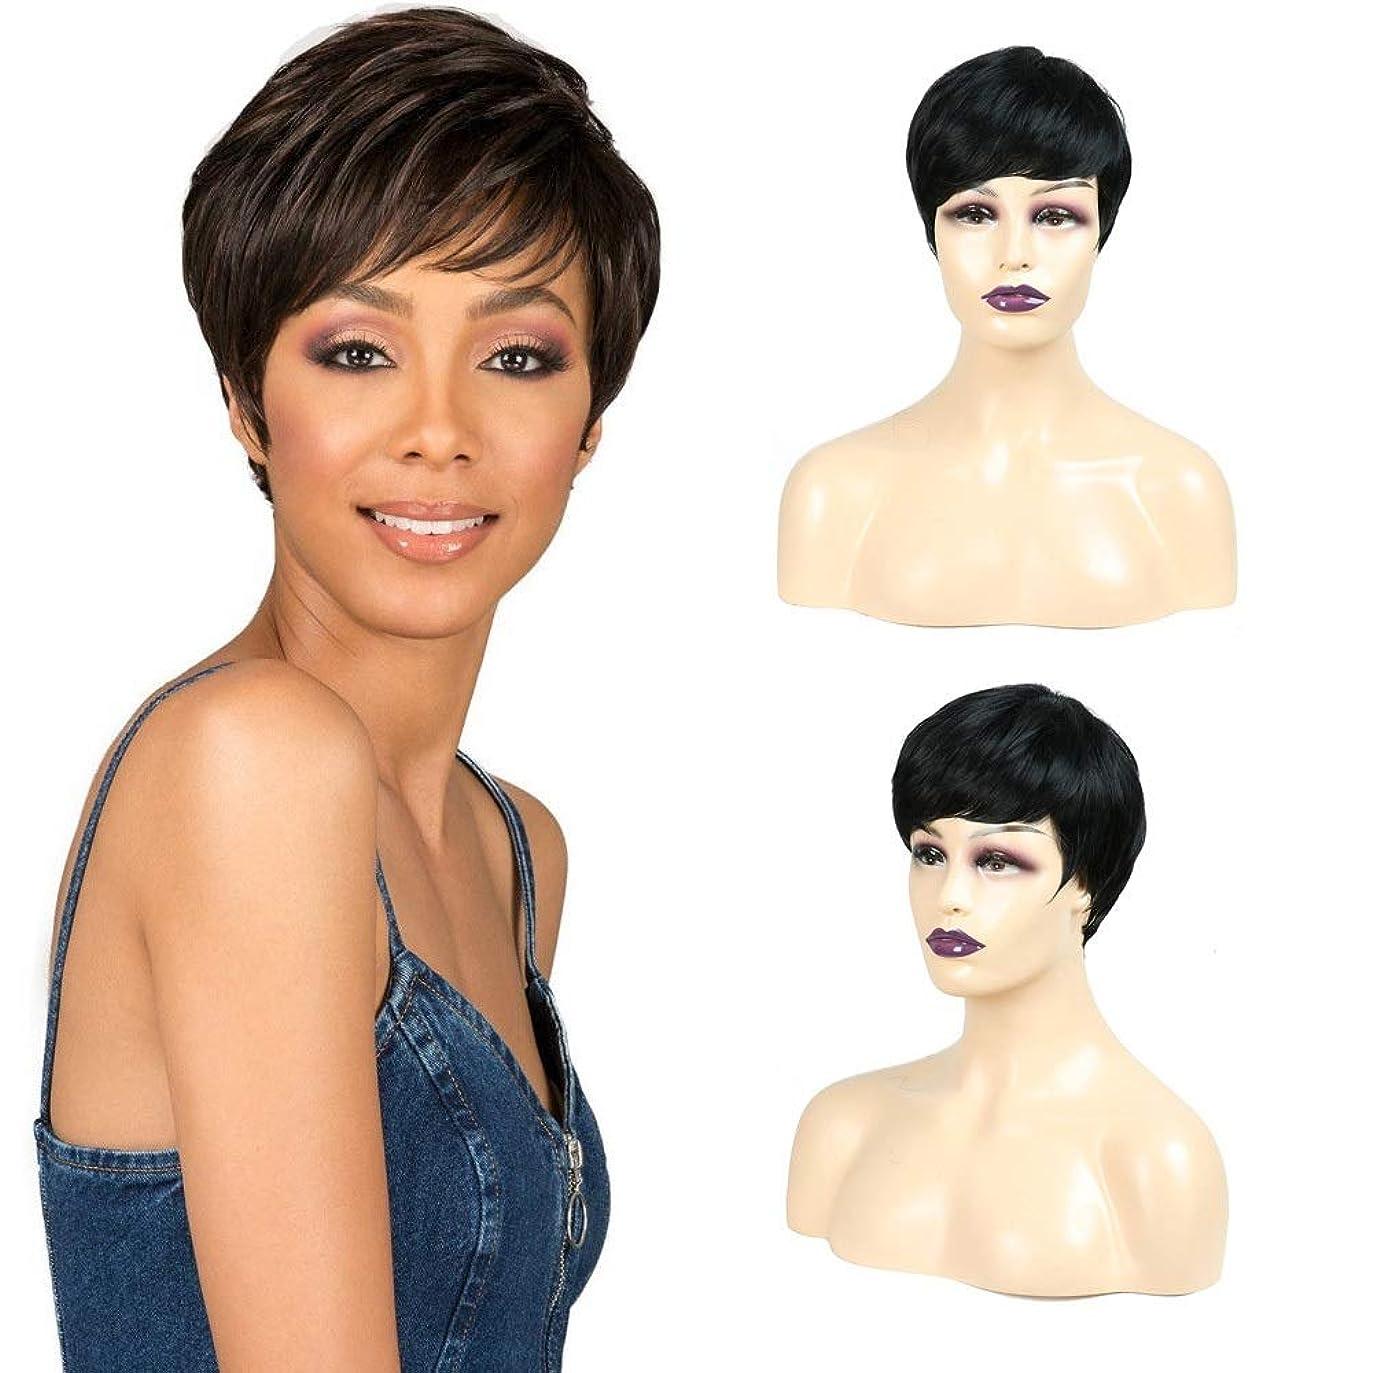 メタルライン湿地エトナ山BOBIDYEE レディースショートストレートブラック人工毛ウィッグで上品なボブスタイルサイドパート髪の毎日の服装のかつら (Color : ブラック)